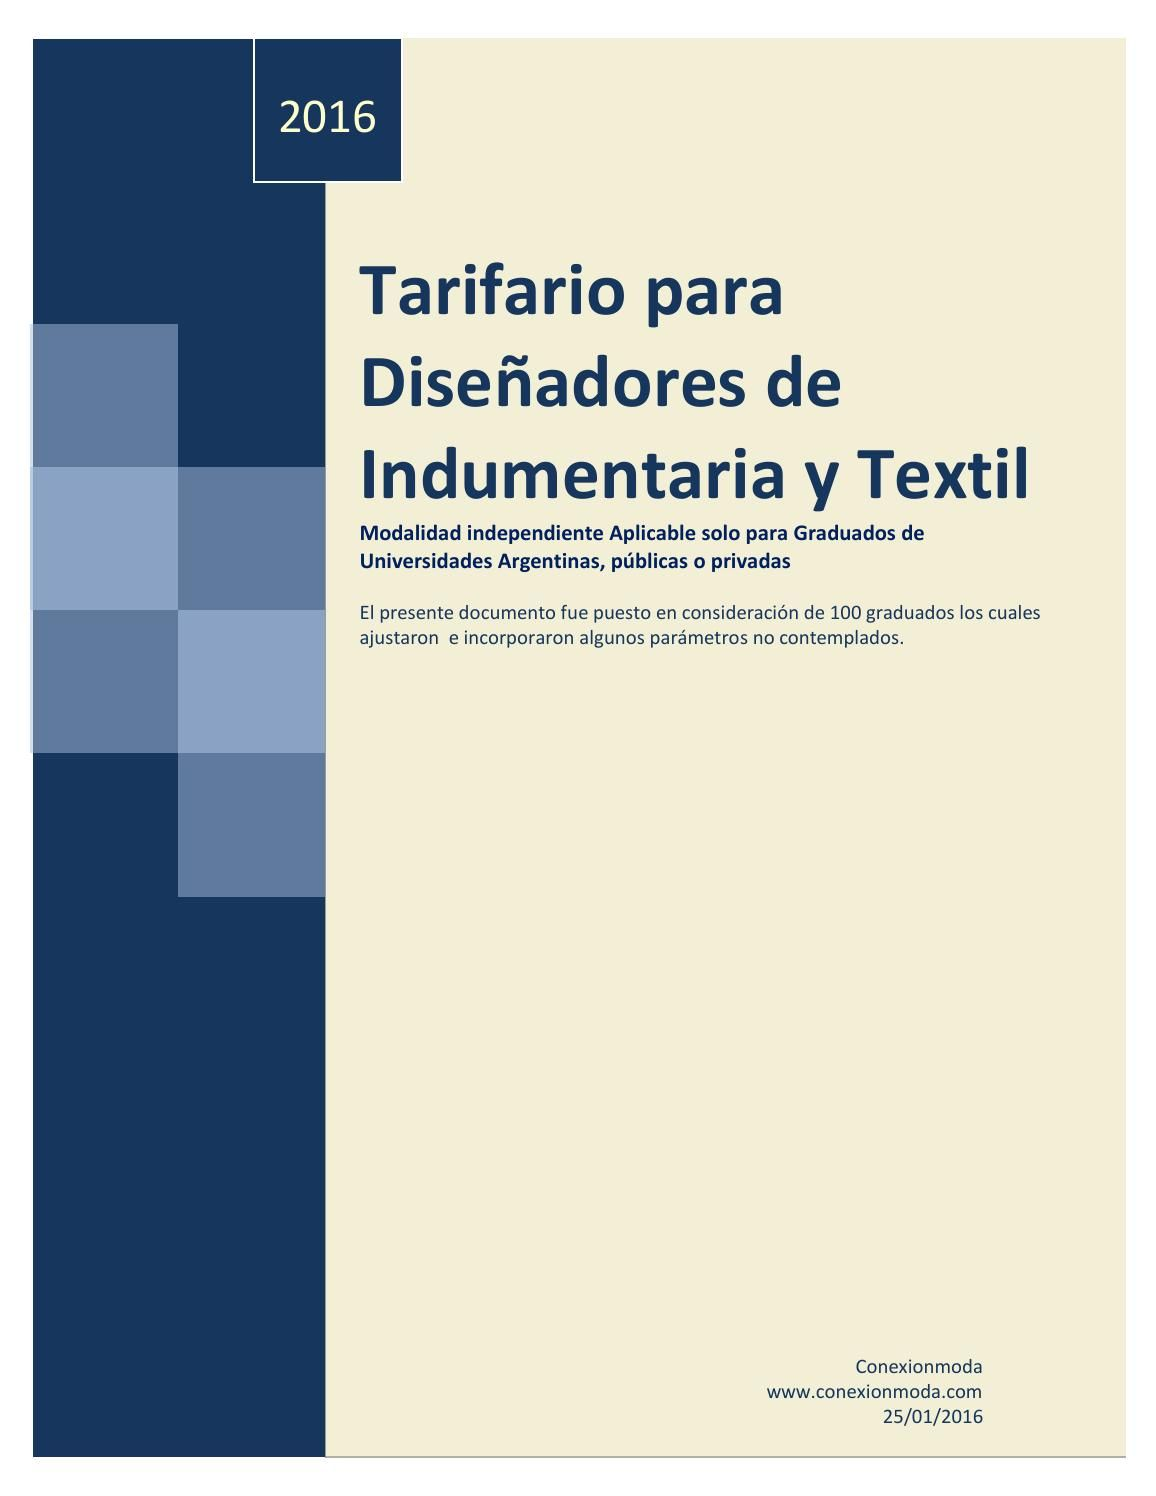 Tarifario para diseñadores de indumentaria y textil 16 | libros ...